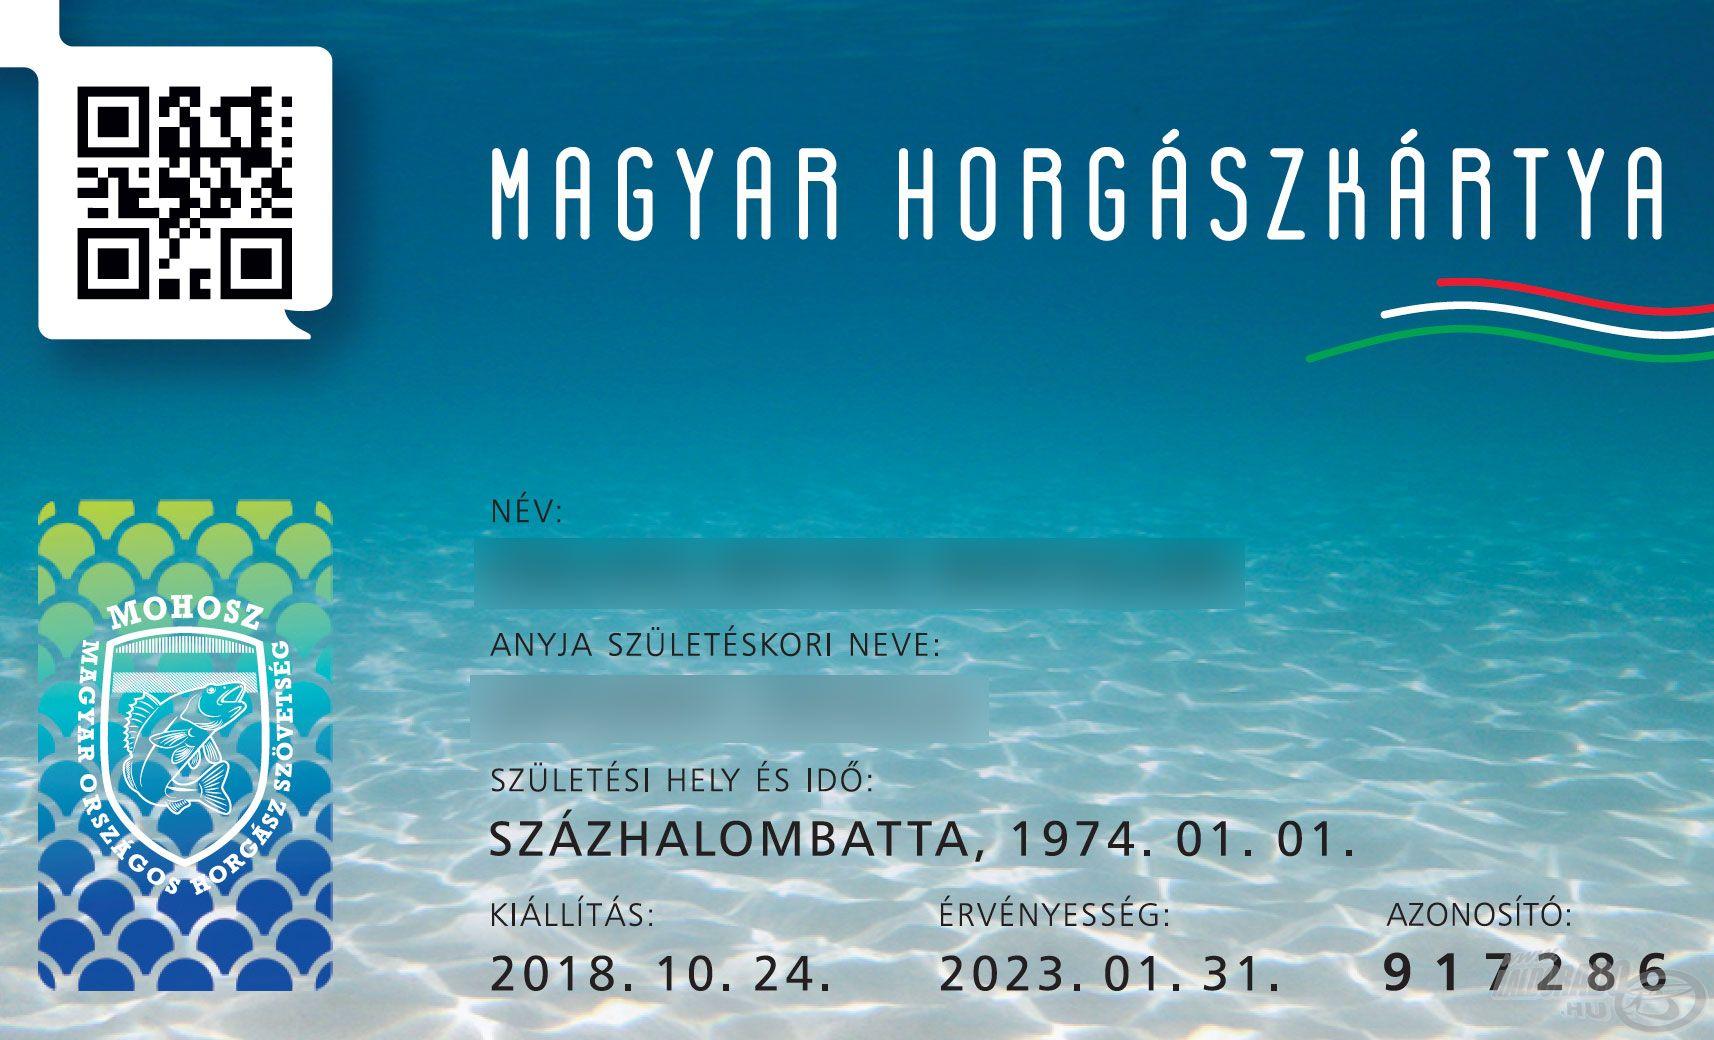 Ez az azonosító és kulcskártya funkciójú, személyi igazolvány méretű plasztikkártya a horgászok általános személyi és szervezeti azonosításában ad segítséget, s egyben megteremti a naprakész egyesületi tagnyilvántartást is